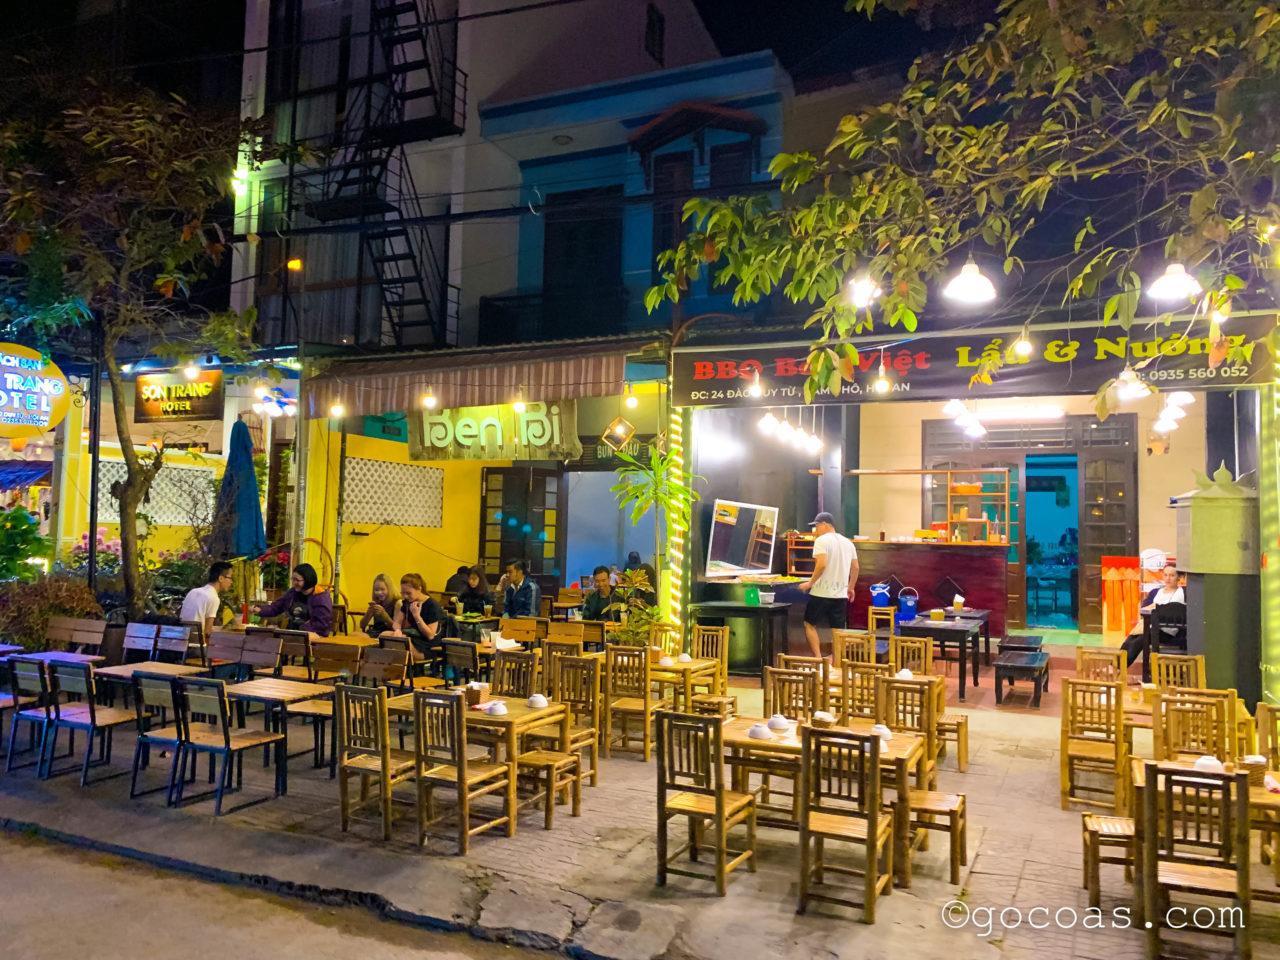 ソントラン ホテル ホイアン (Son Trang Hotel Hoi An)周囲